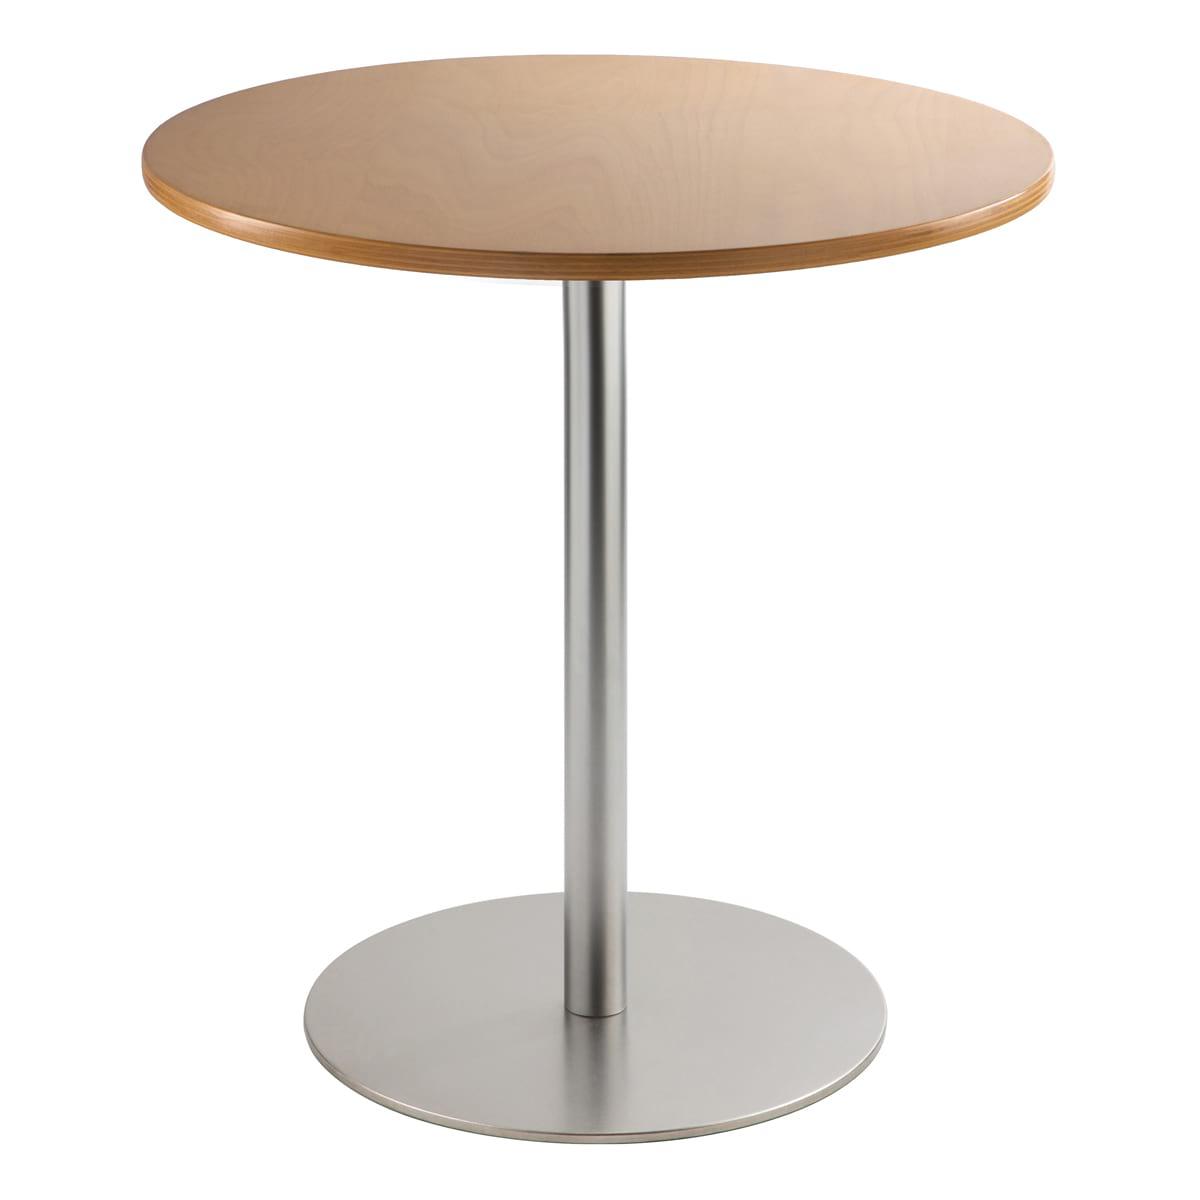 Sitztisch Brio, rund, Buche